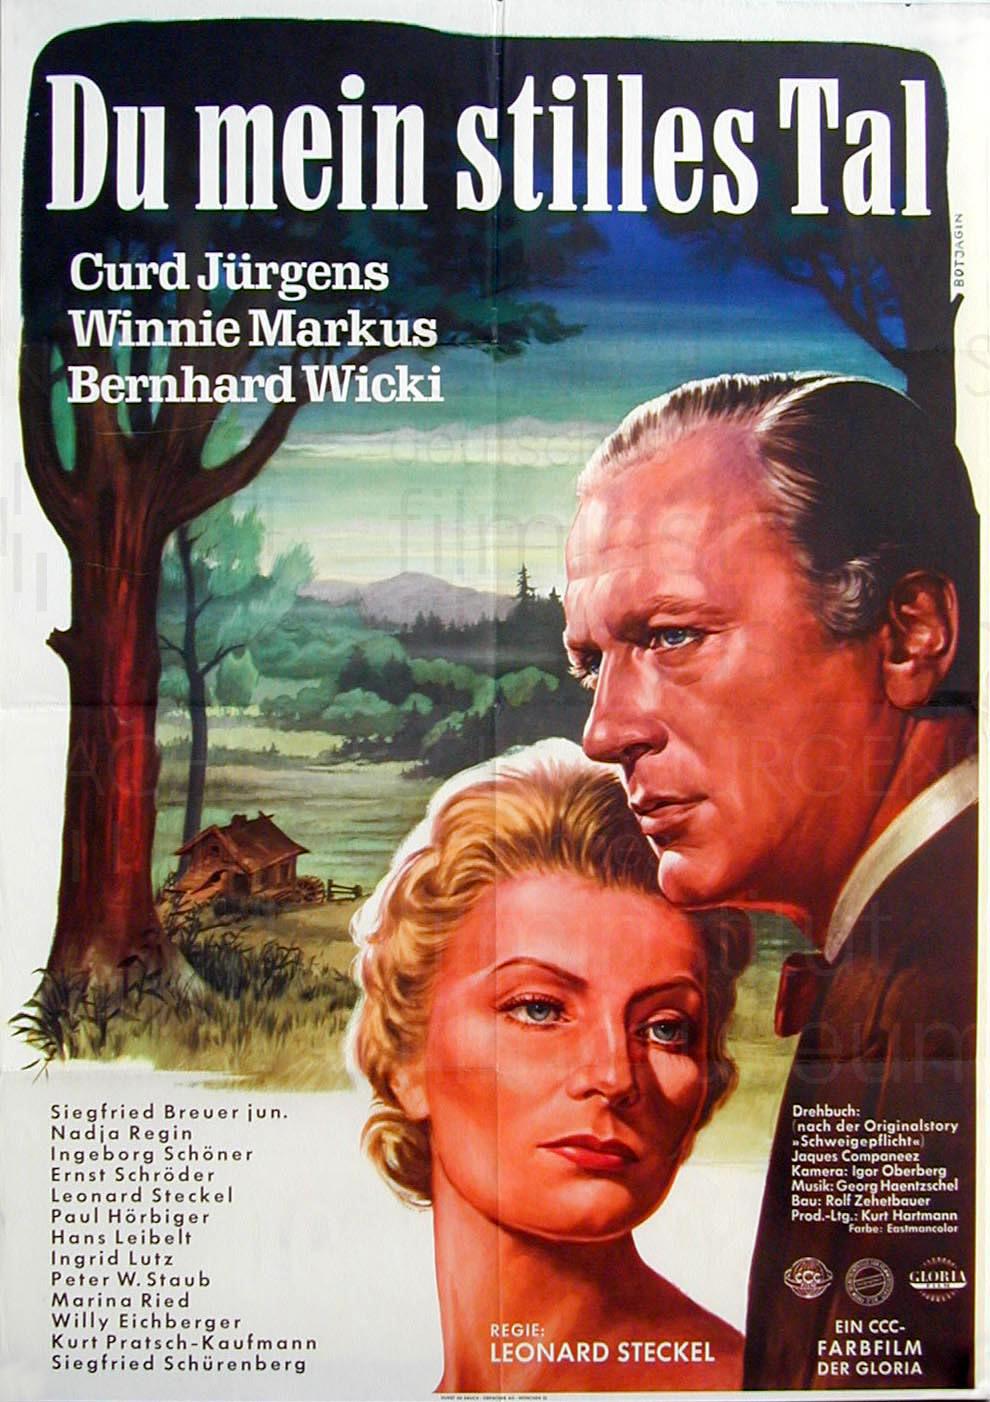 DU MEIN STILLES TAL (1955)